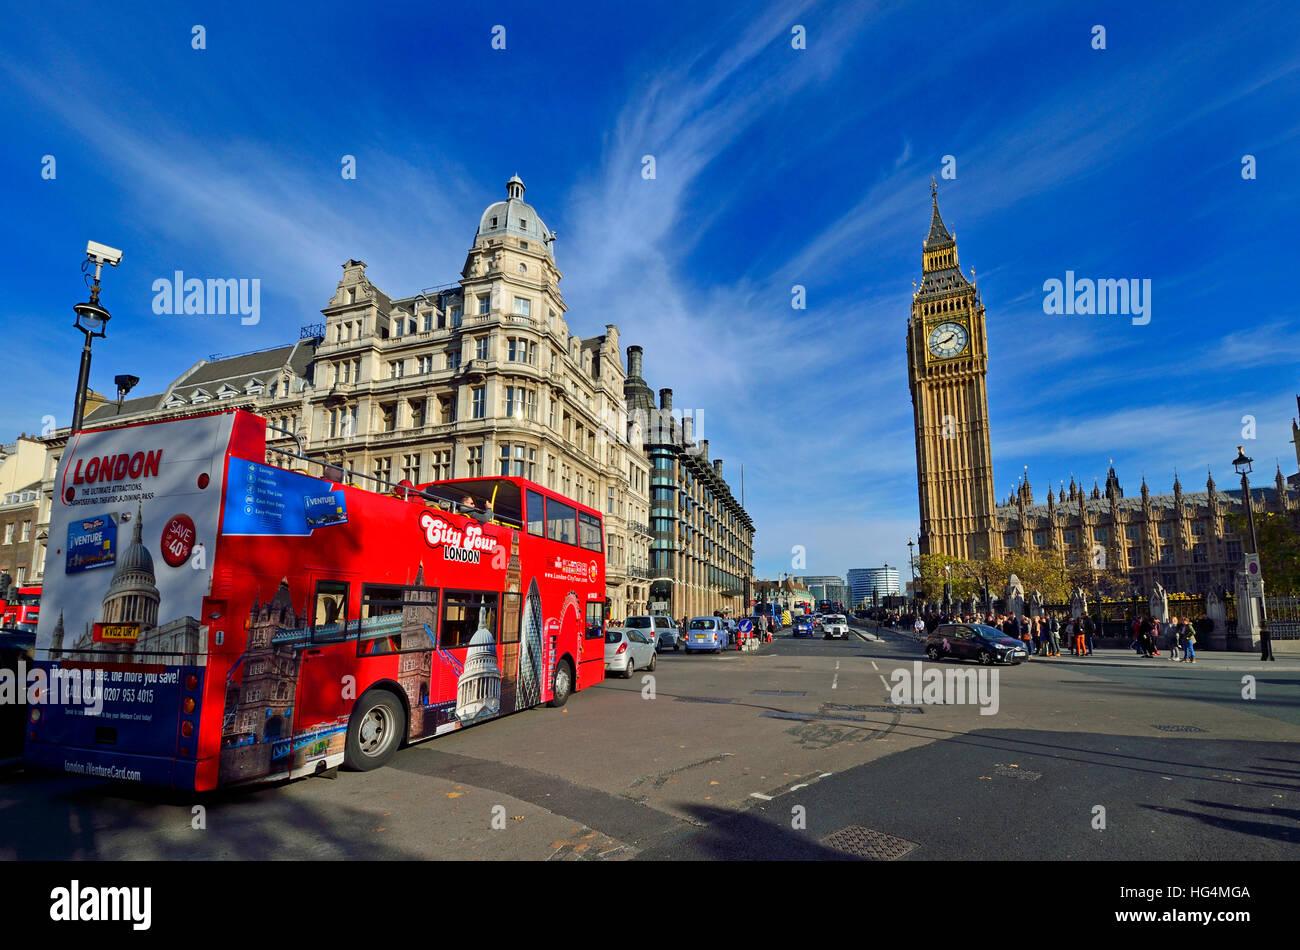 Londres, Angleterre, Royaume-Uni. Double-decker bus touristique dans la région de Parliament Square Photo Stock